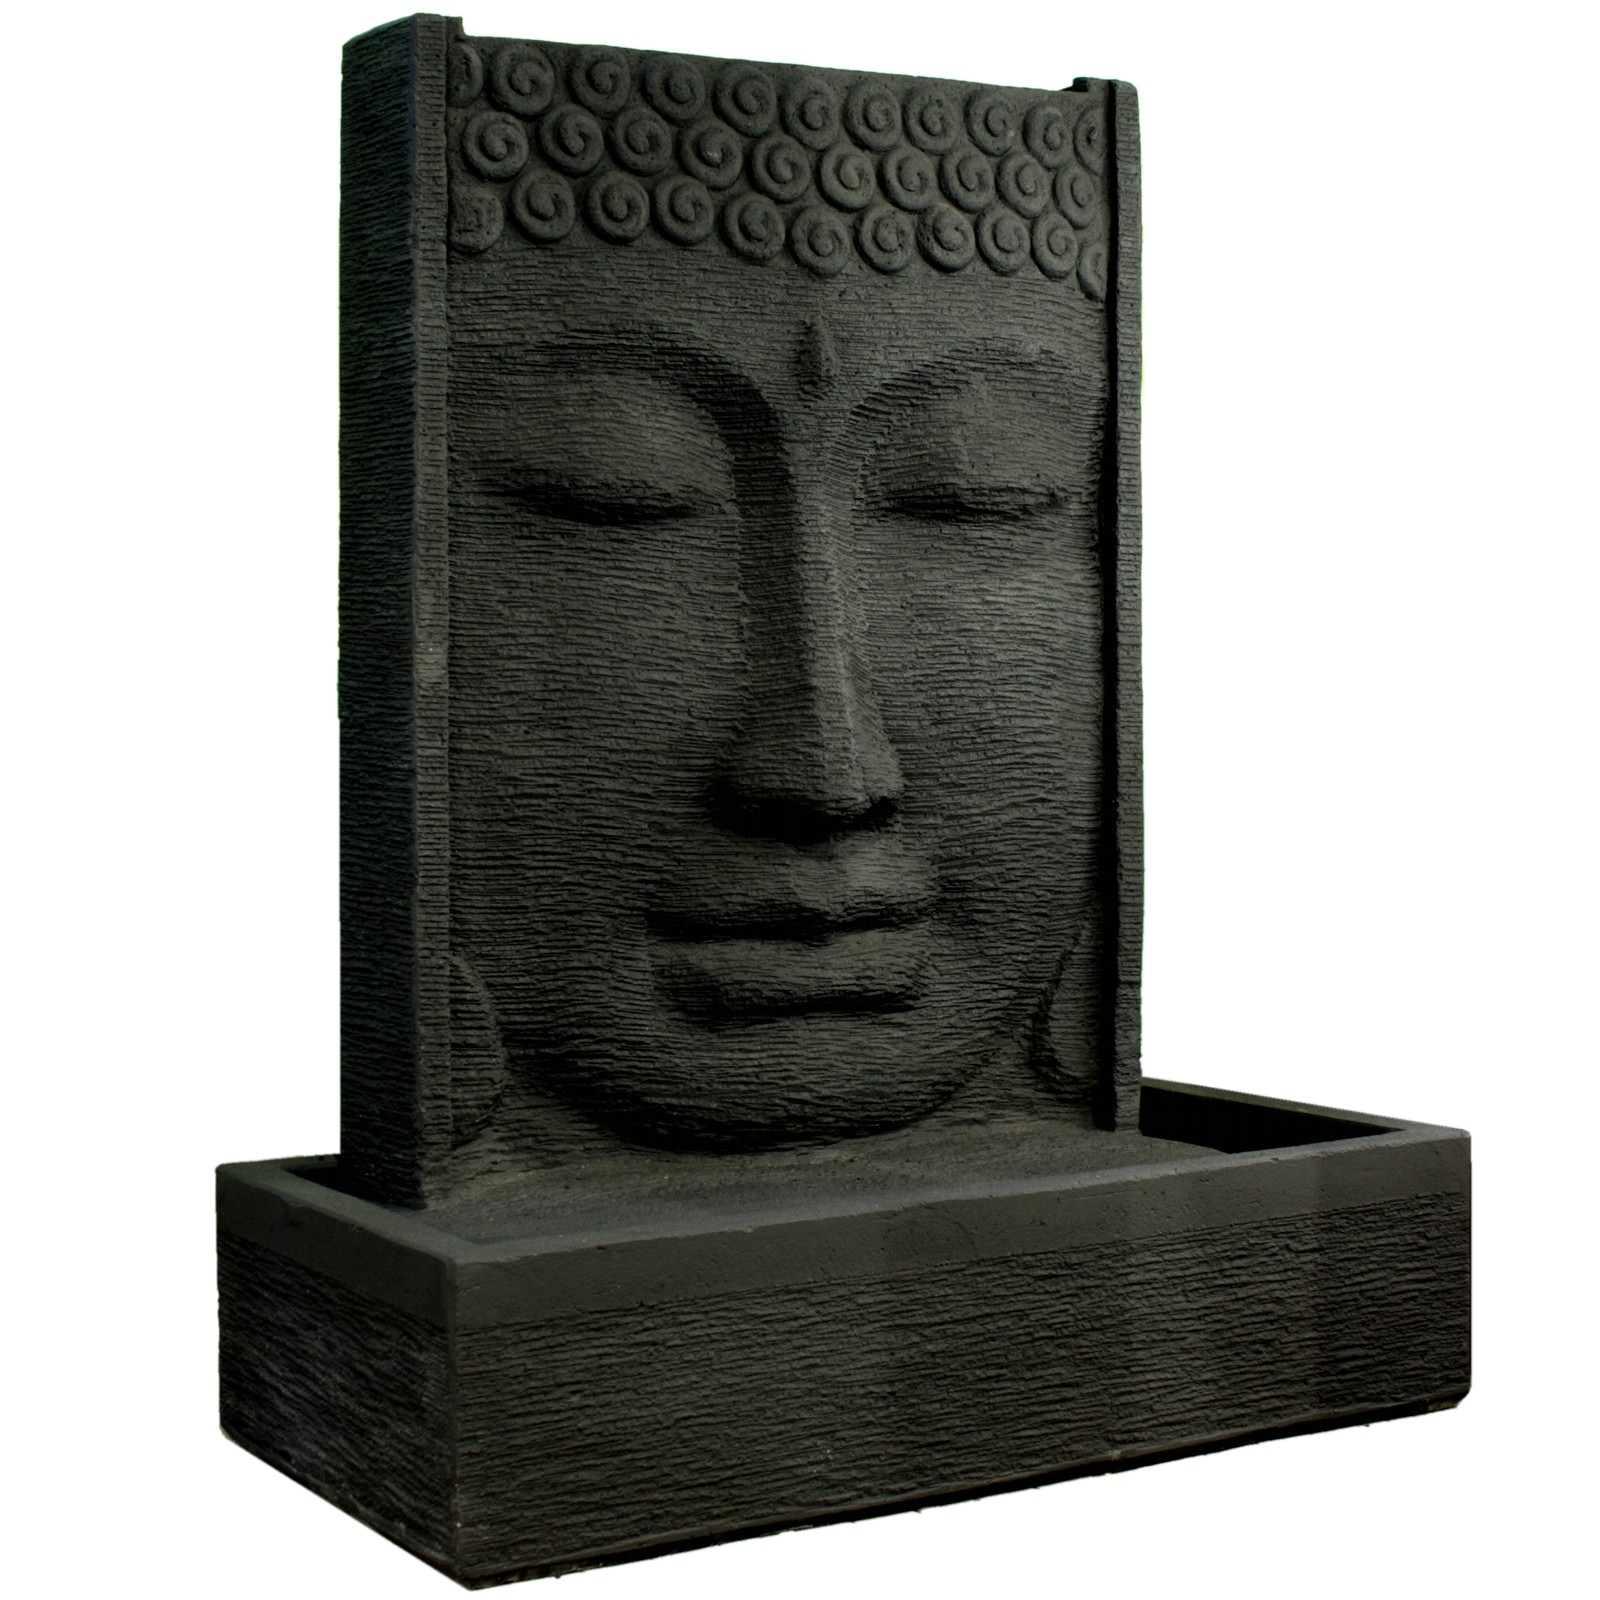 buddha brunnen stein 125cm gartenbrunnen budda wasserspiel zierbrunnen feng shui ebay. Black Bedroom Furniture Sets. Home Design Ideas